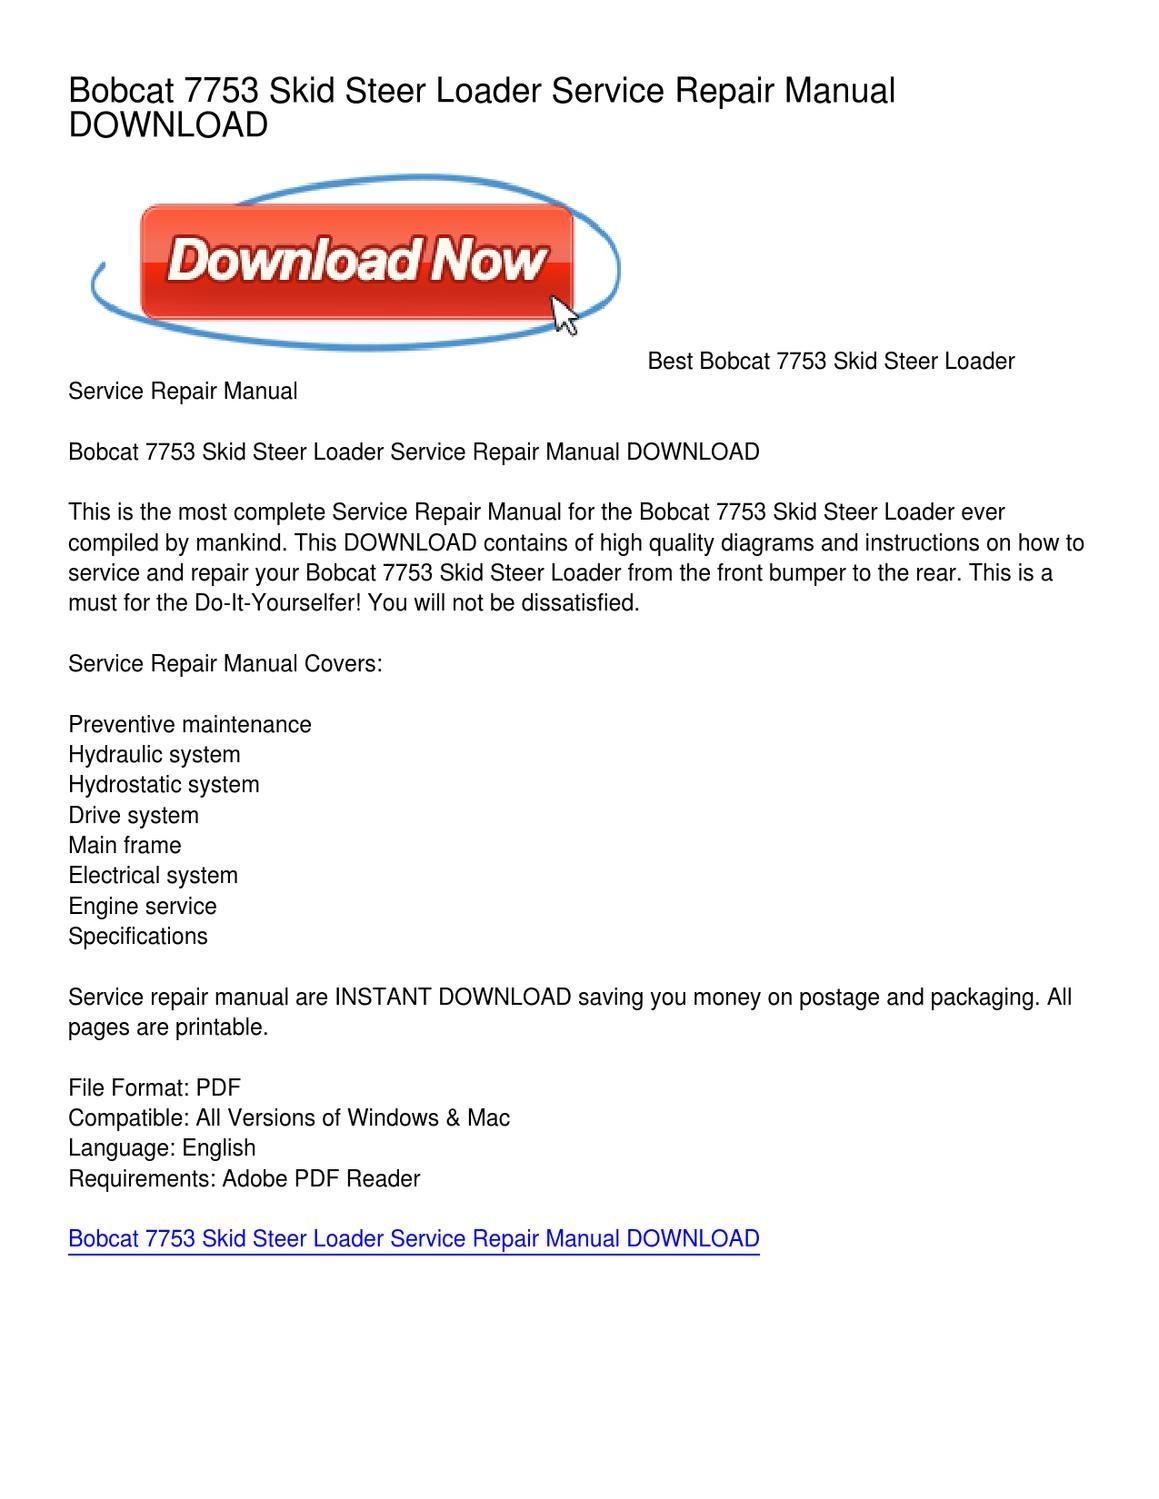 Bobcat 7753 Skid Steer Loader Service Repair Manual